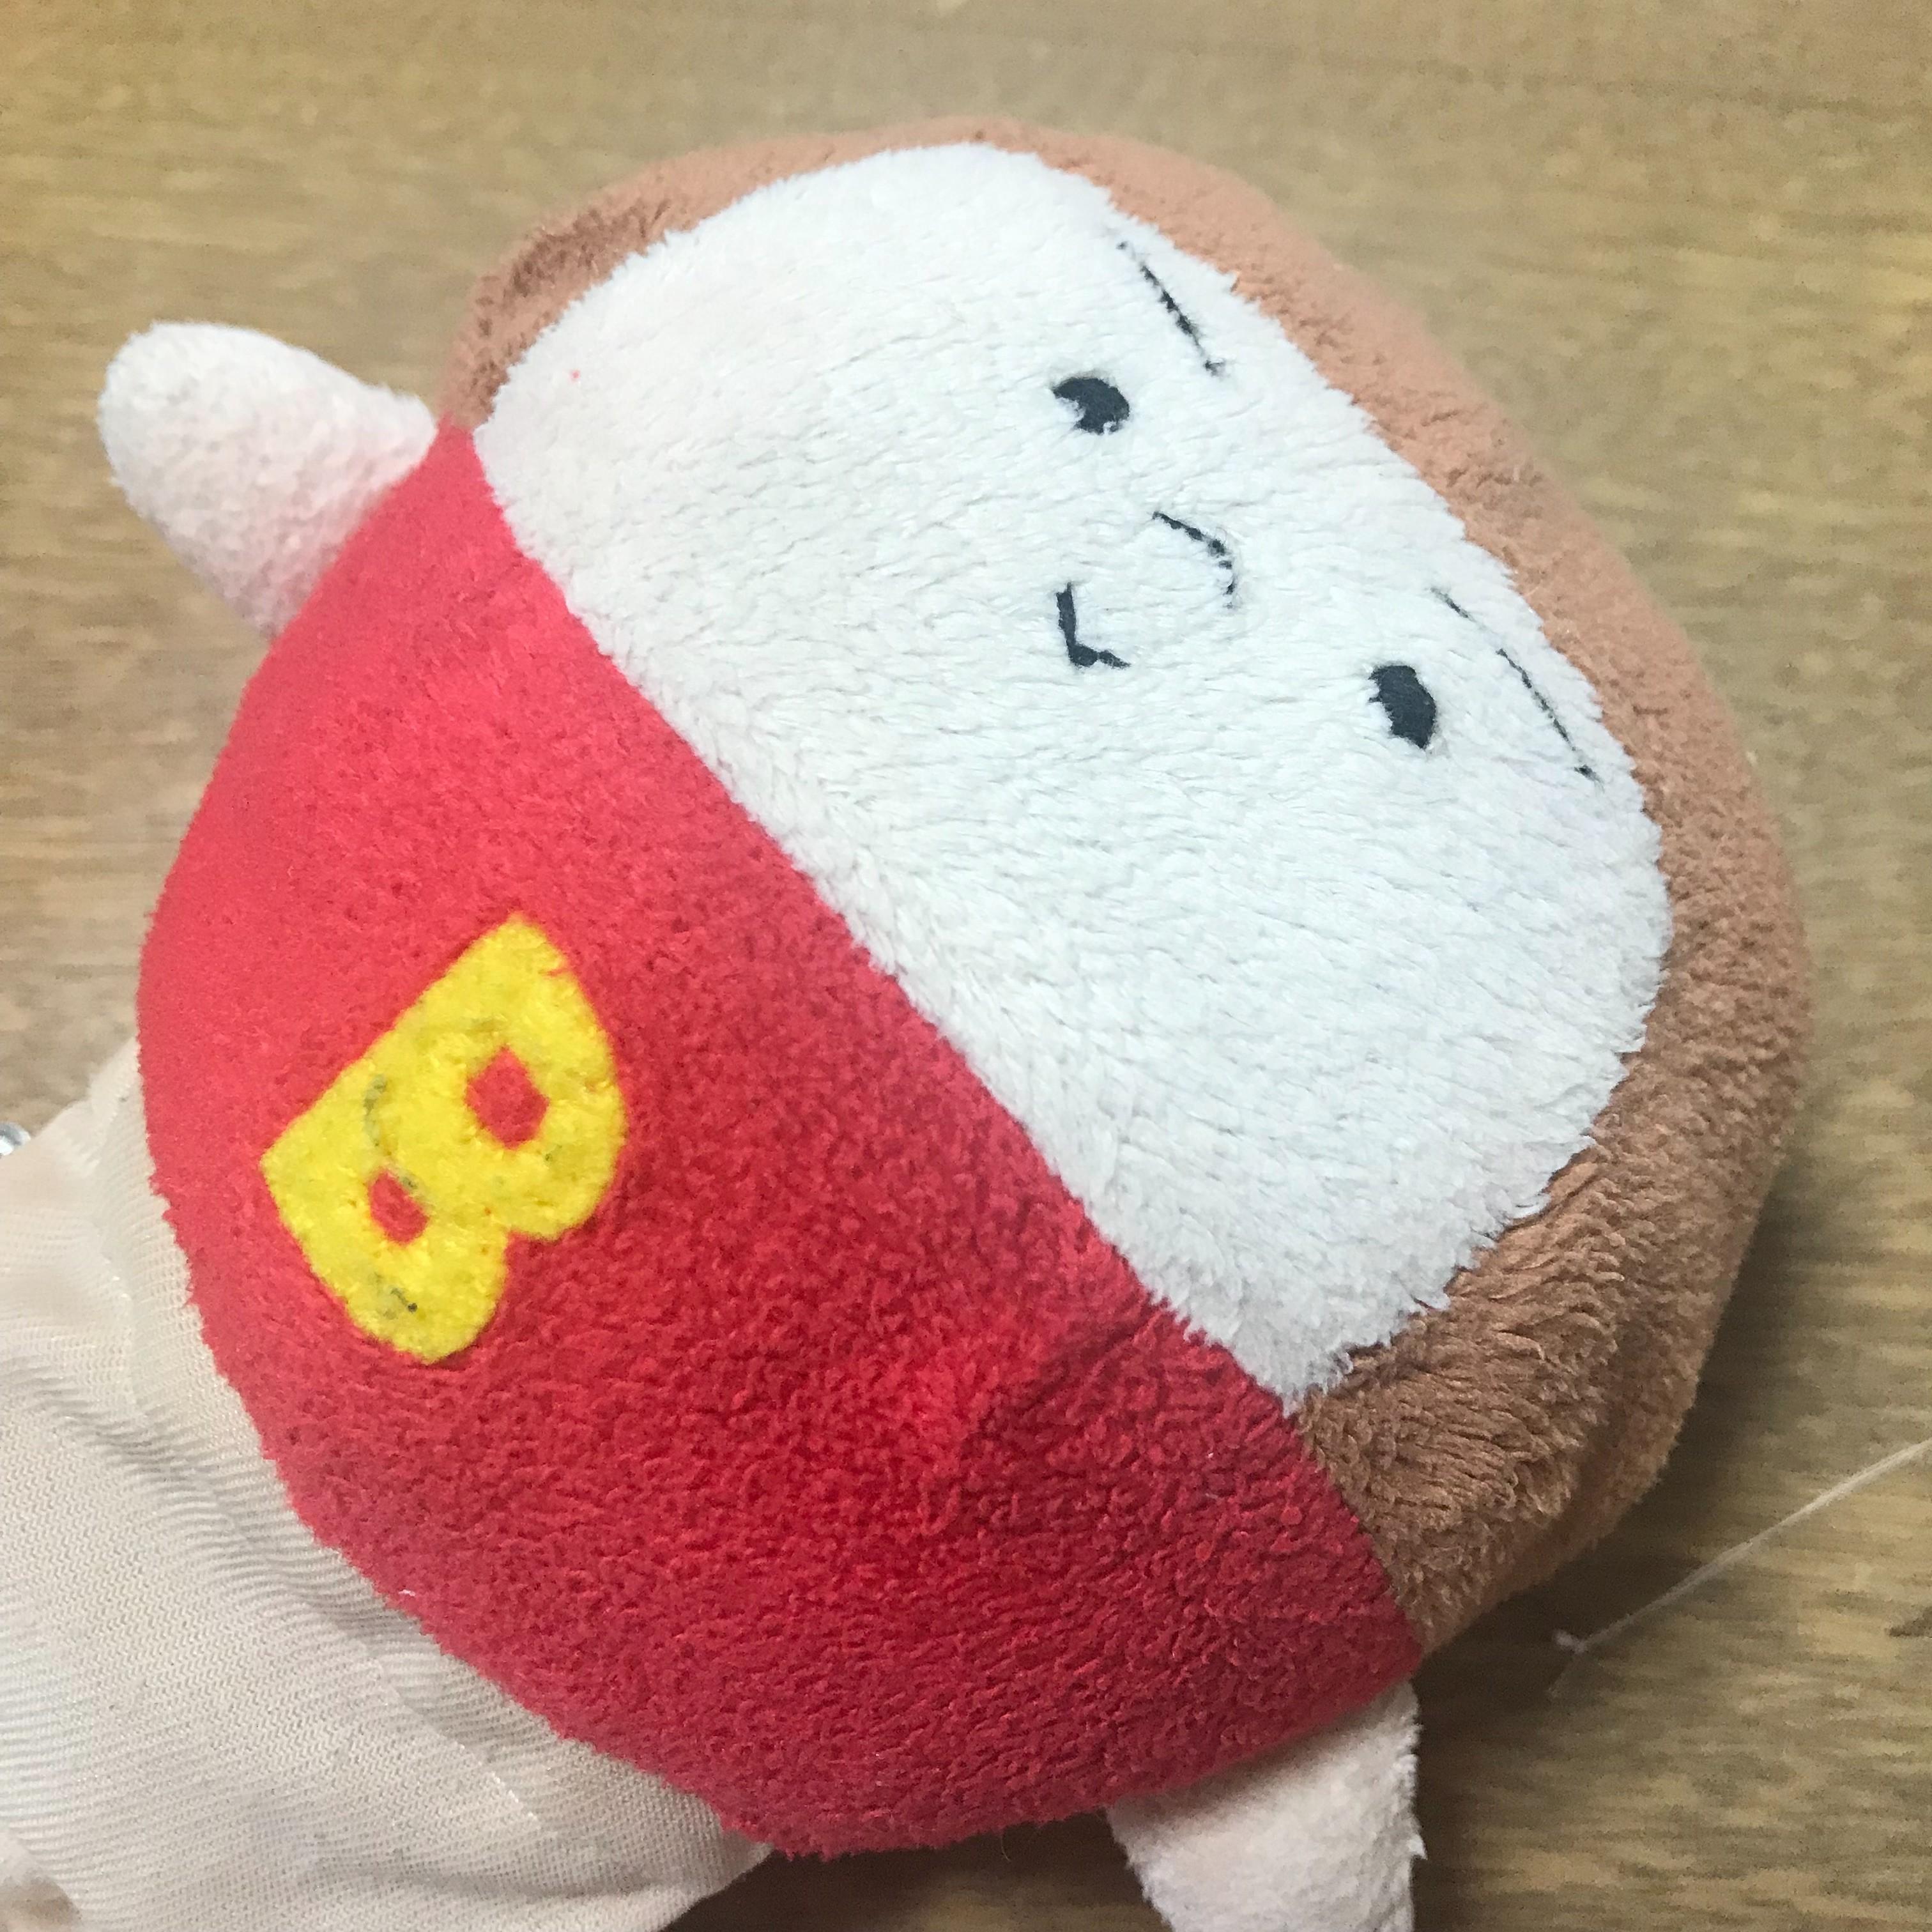 f:id:bobi-wan:20190518091342j:image:w360